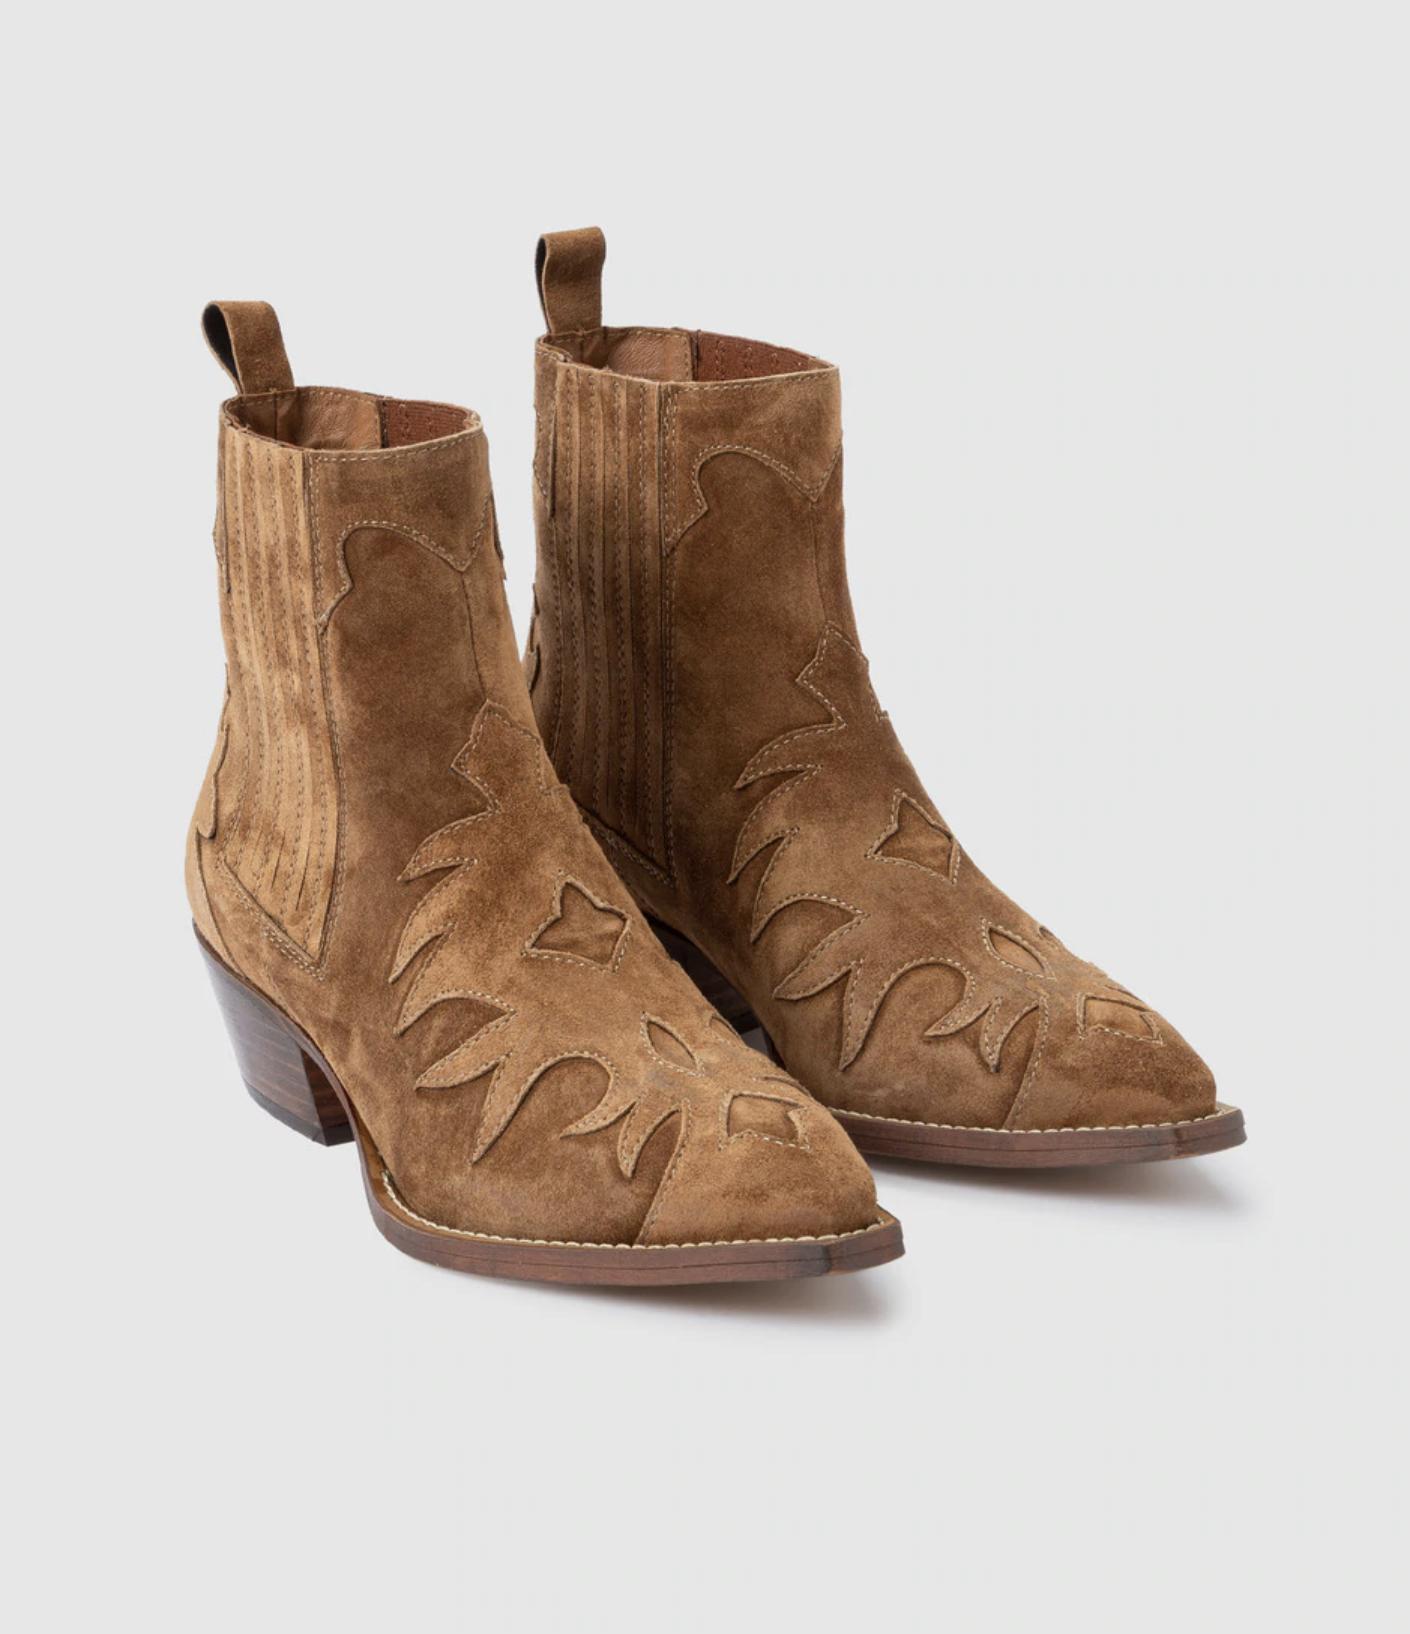 Botines de mujer Alpe de serraje marrón tipo cowboy